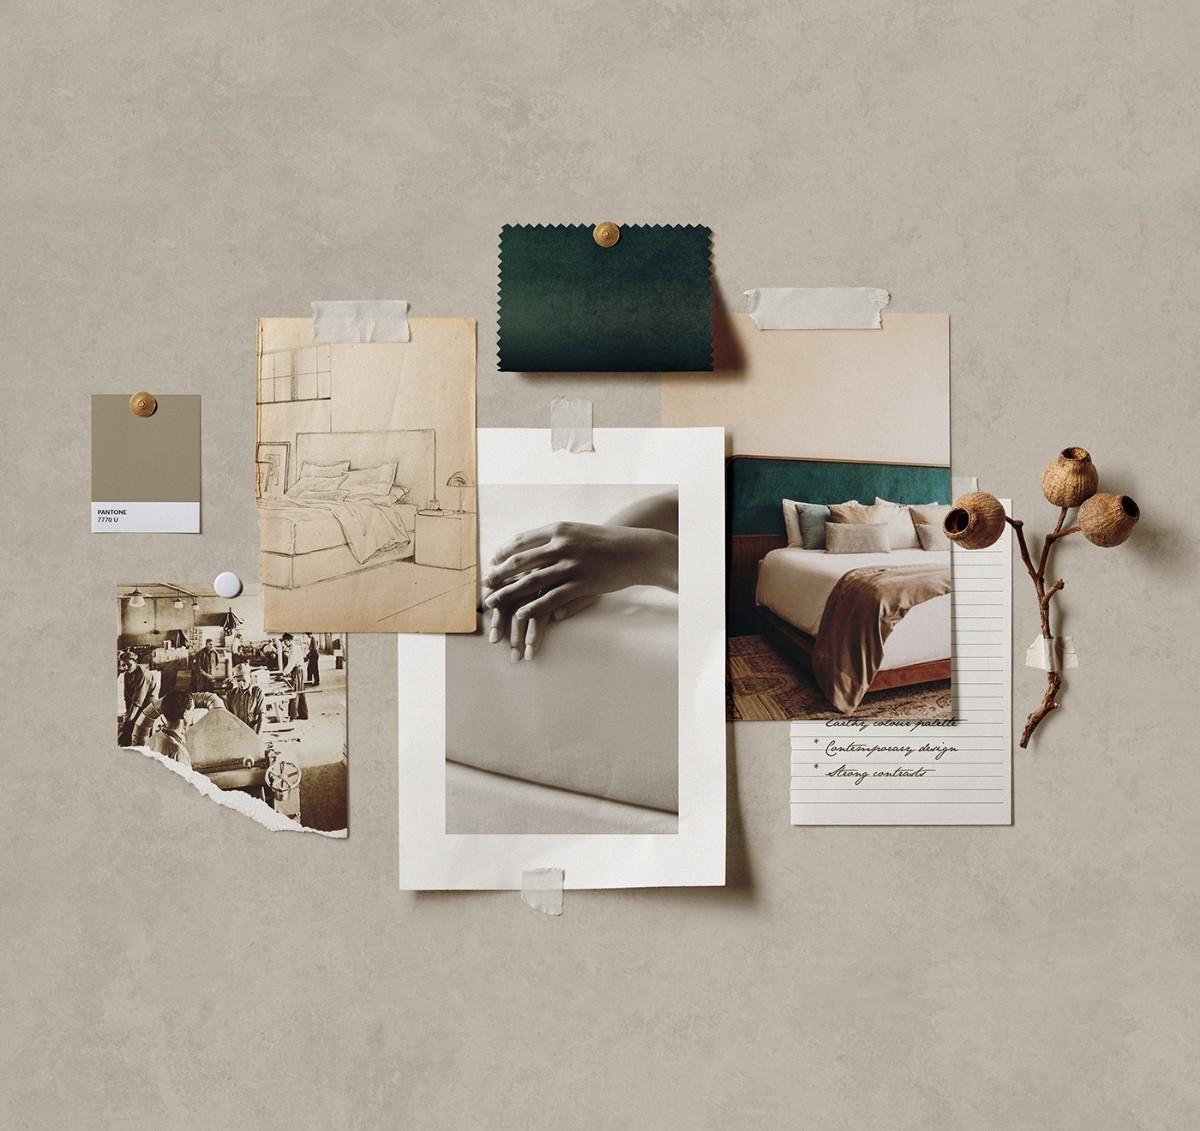 Made by Media - Mattsons Beds - Webbdesign - Kundcase bild - Marknadsföringsbyrå